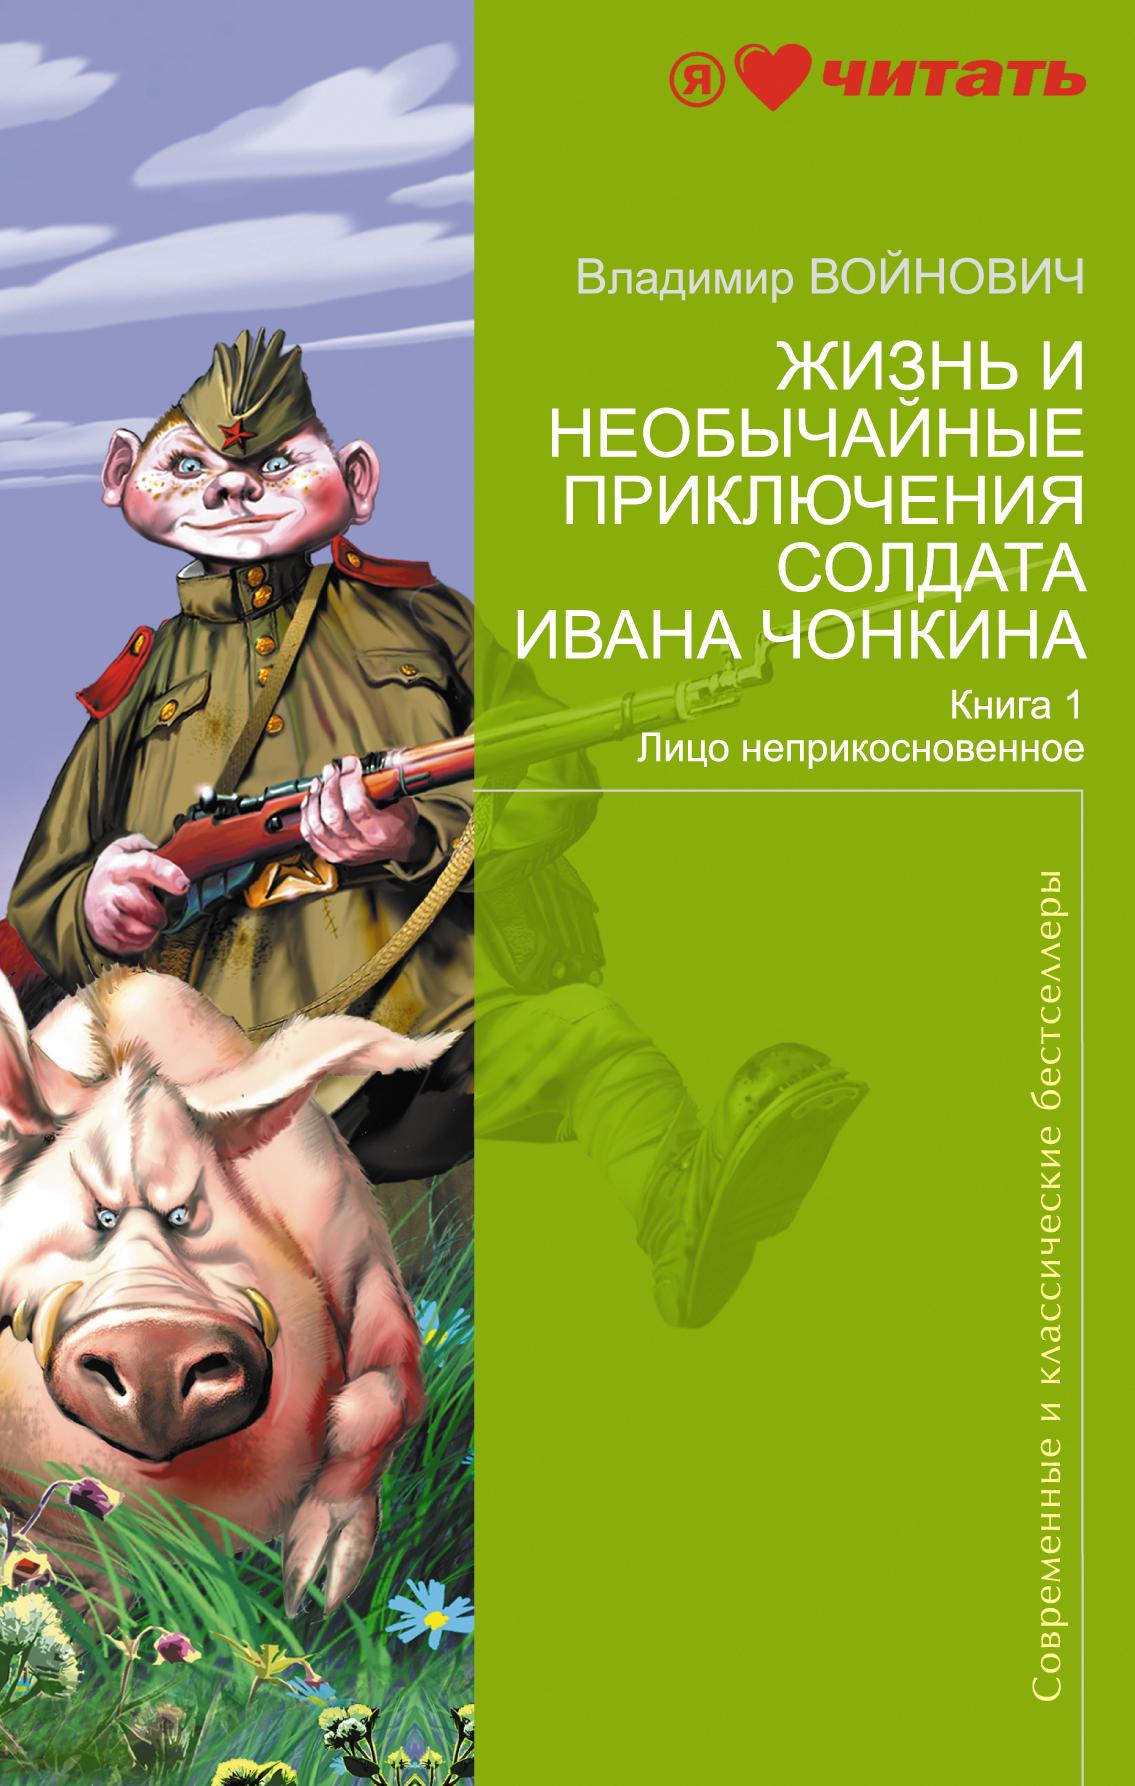 Секс с секретаршей из к/ф солдат иван чонкин 2 фотография